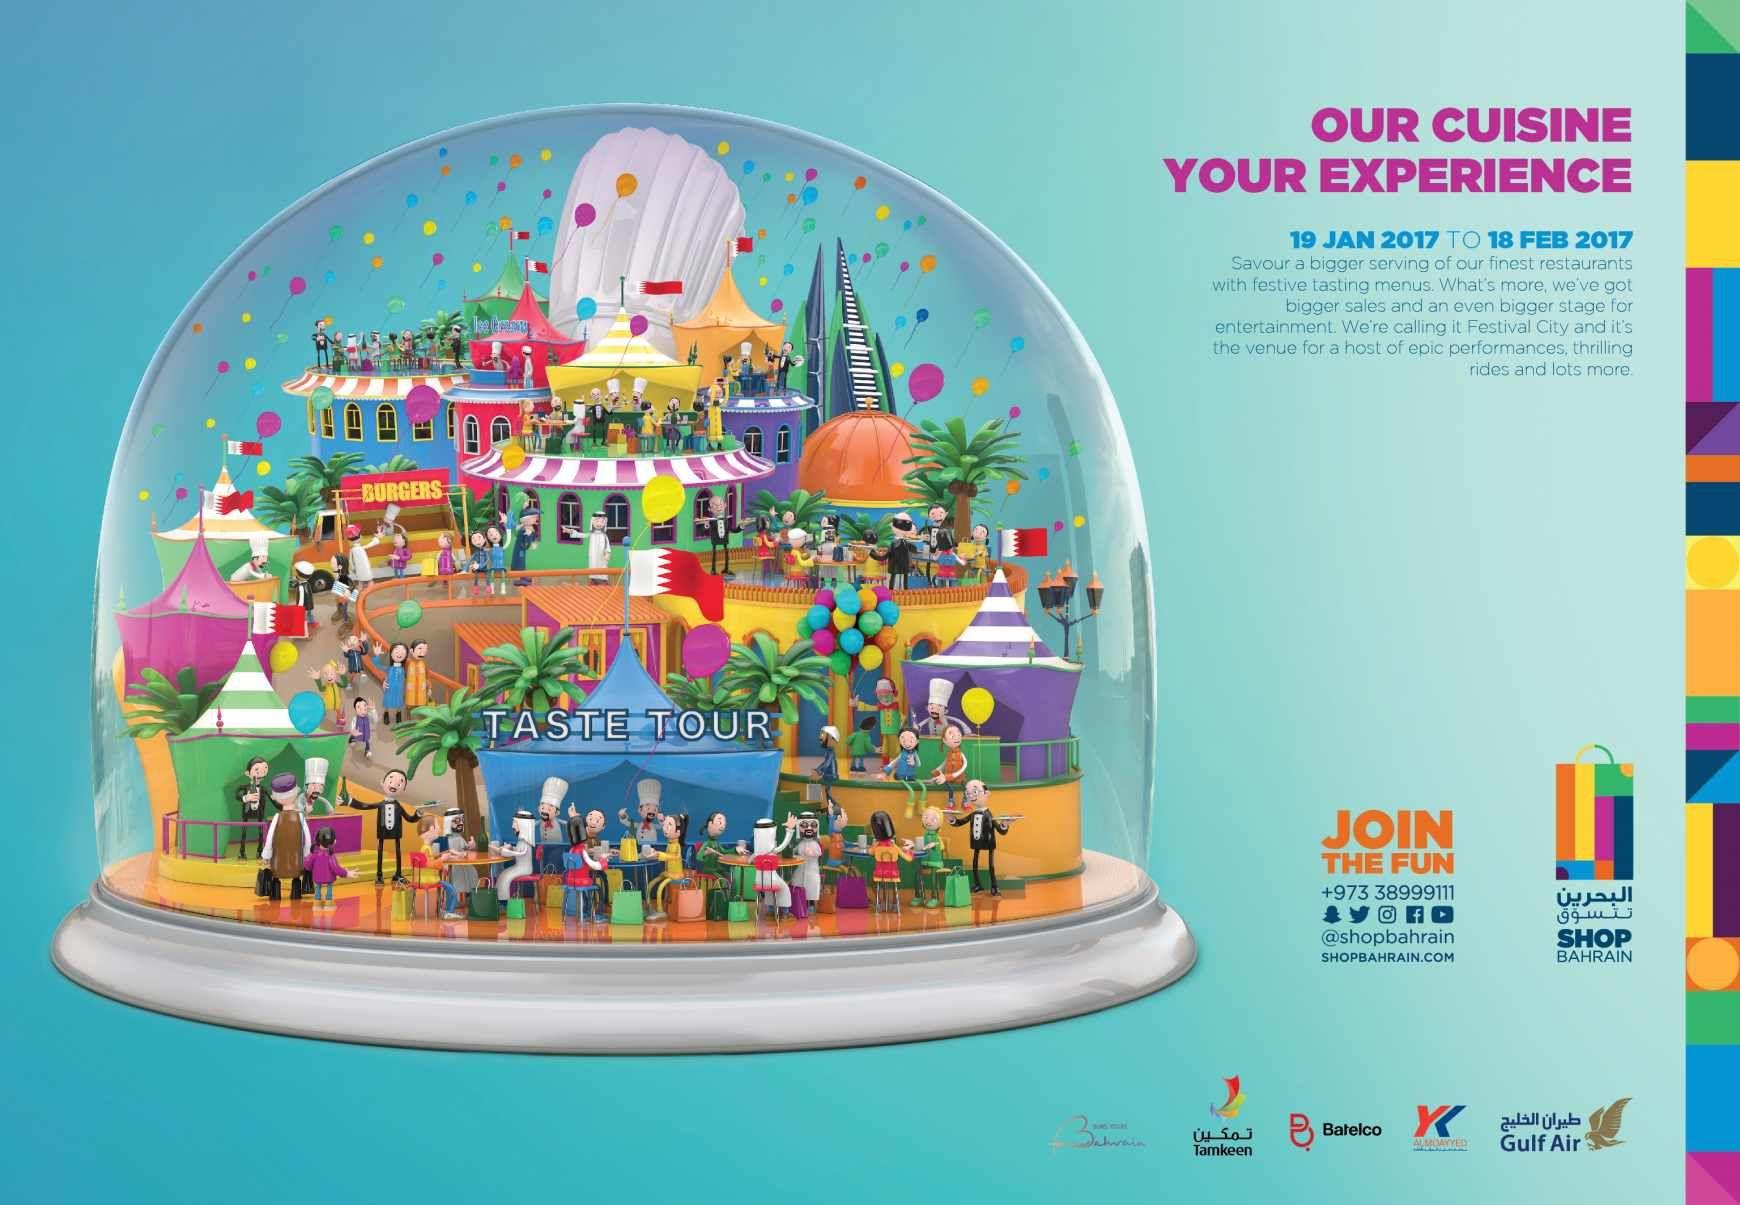 Bahrain Shopping Festival: Taste tour